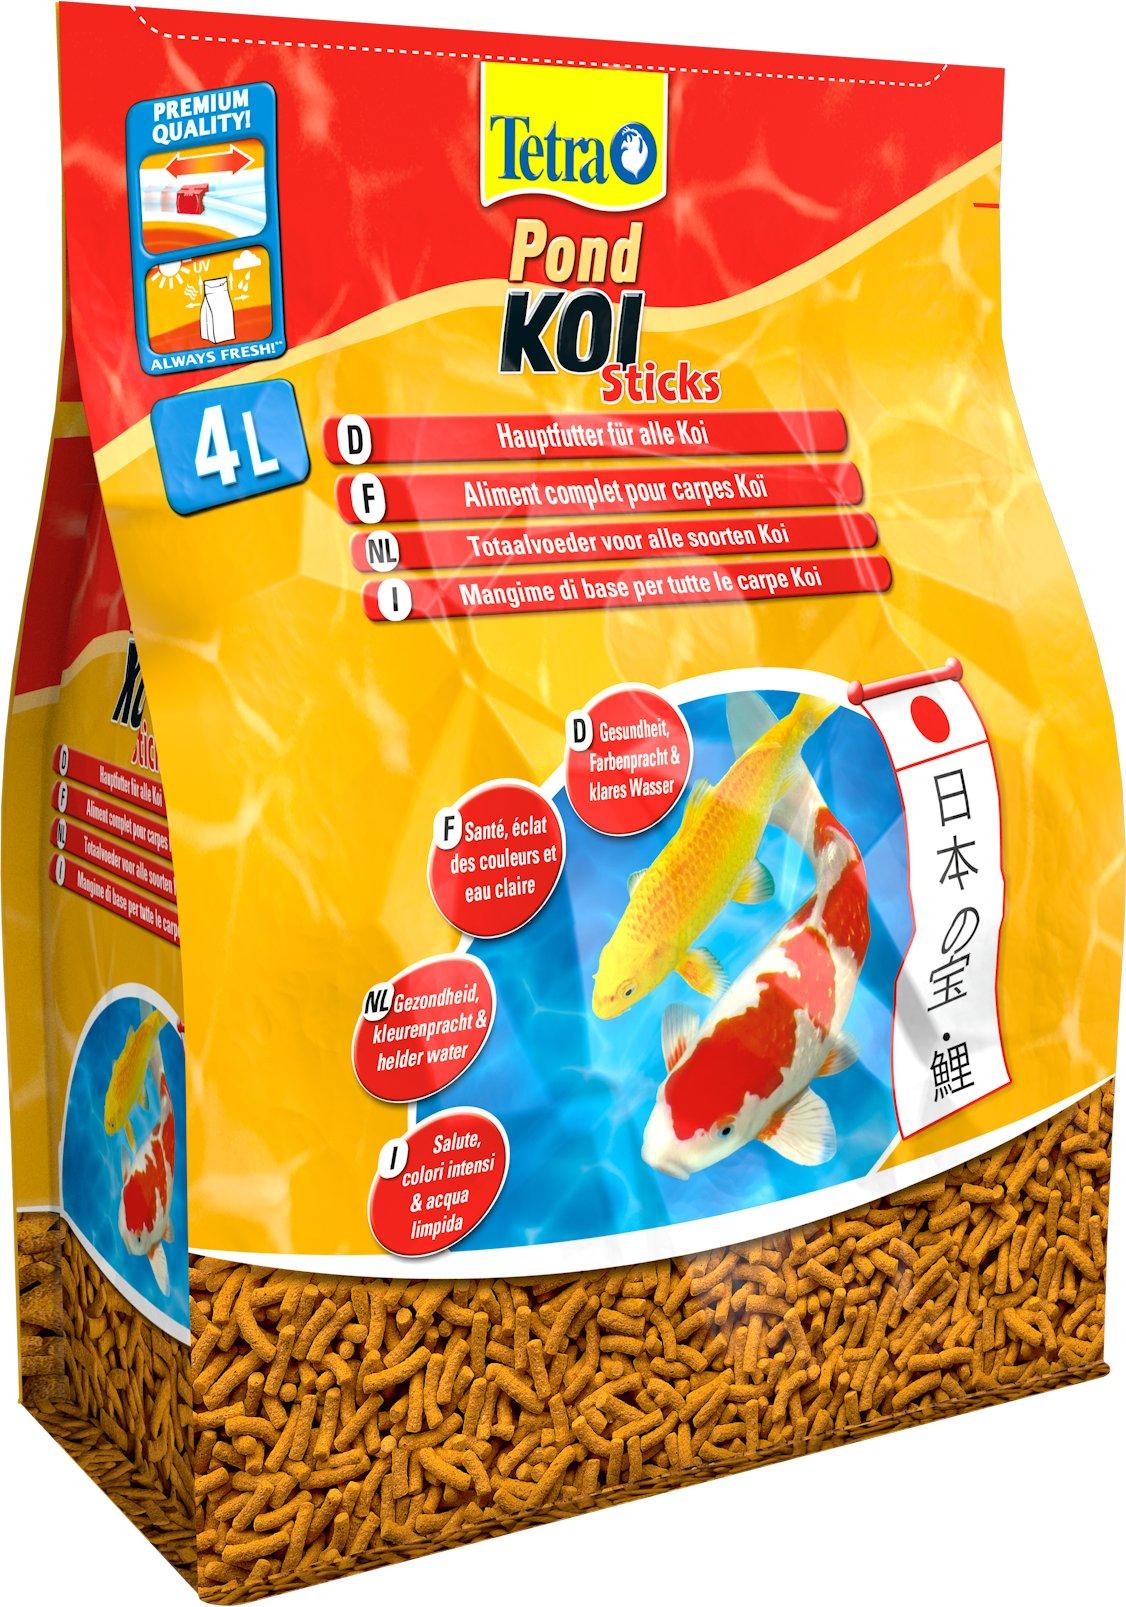 Tetra pond koi sticks 1 0 l 4 0 l 10 0 l 50 0 l for Koi pond sticks